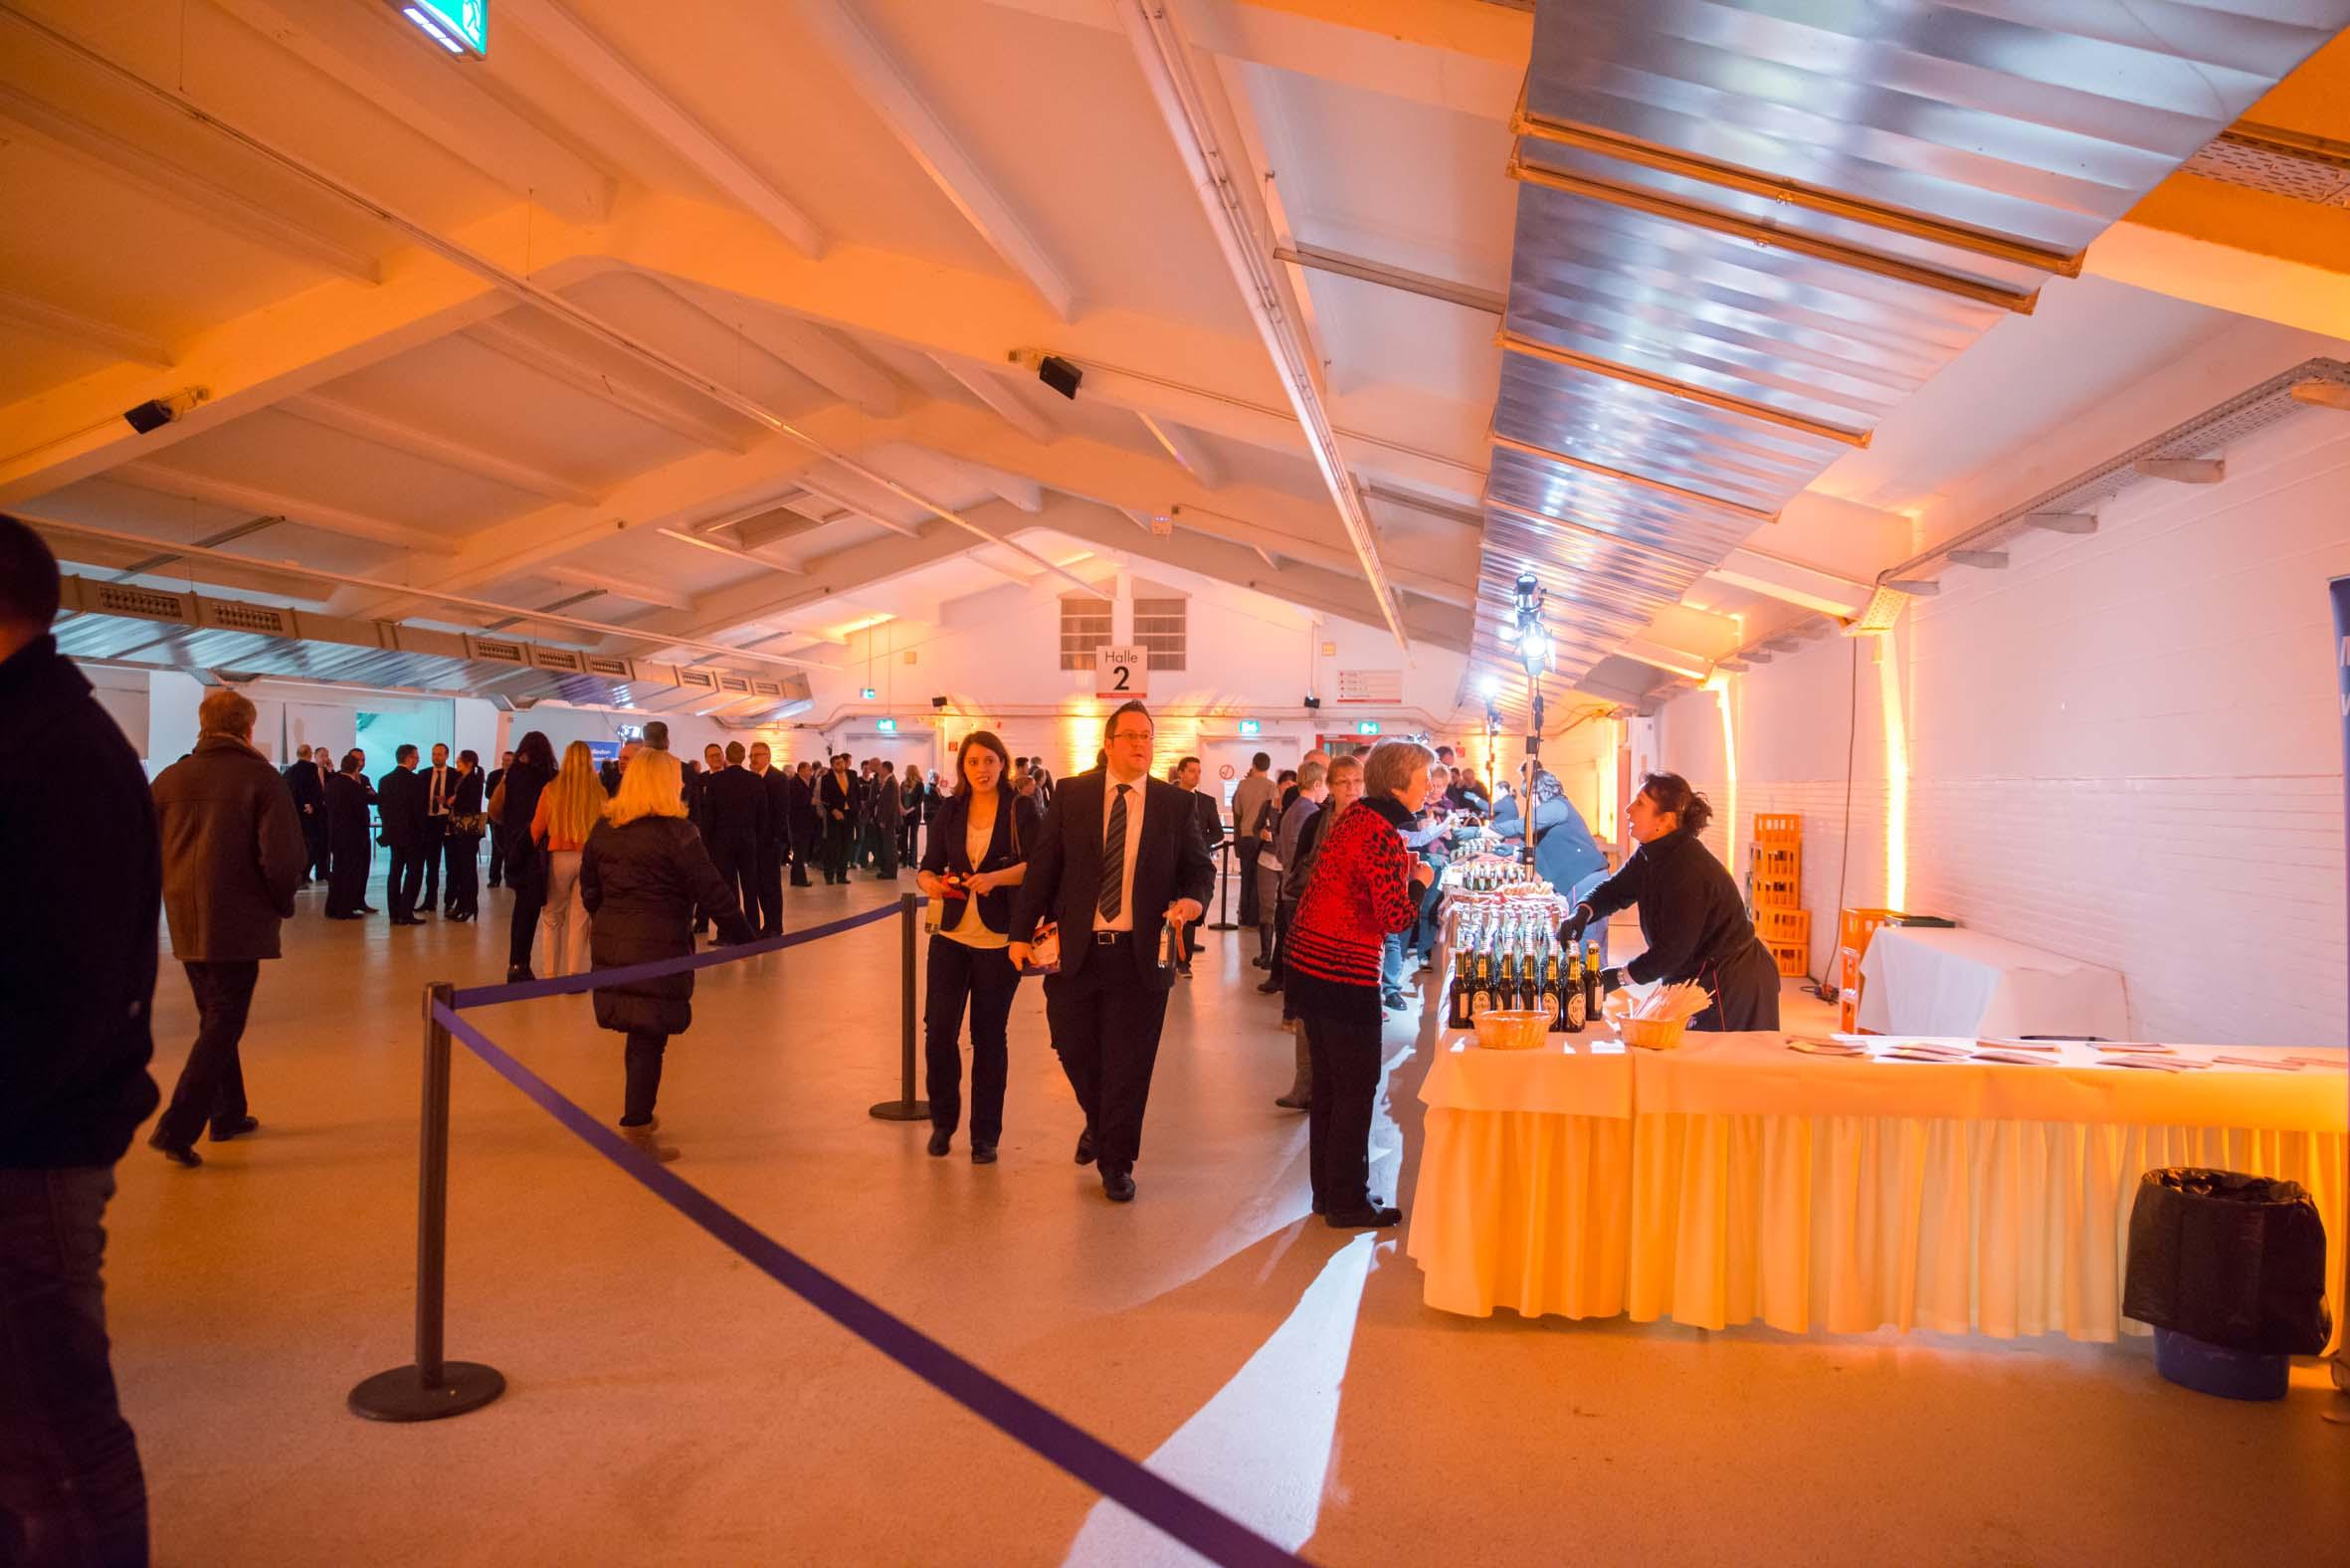 Bildergalerie Mitgliederversammlung 2015 in Gießen, Bild 12